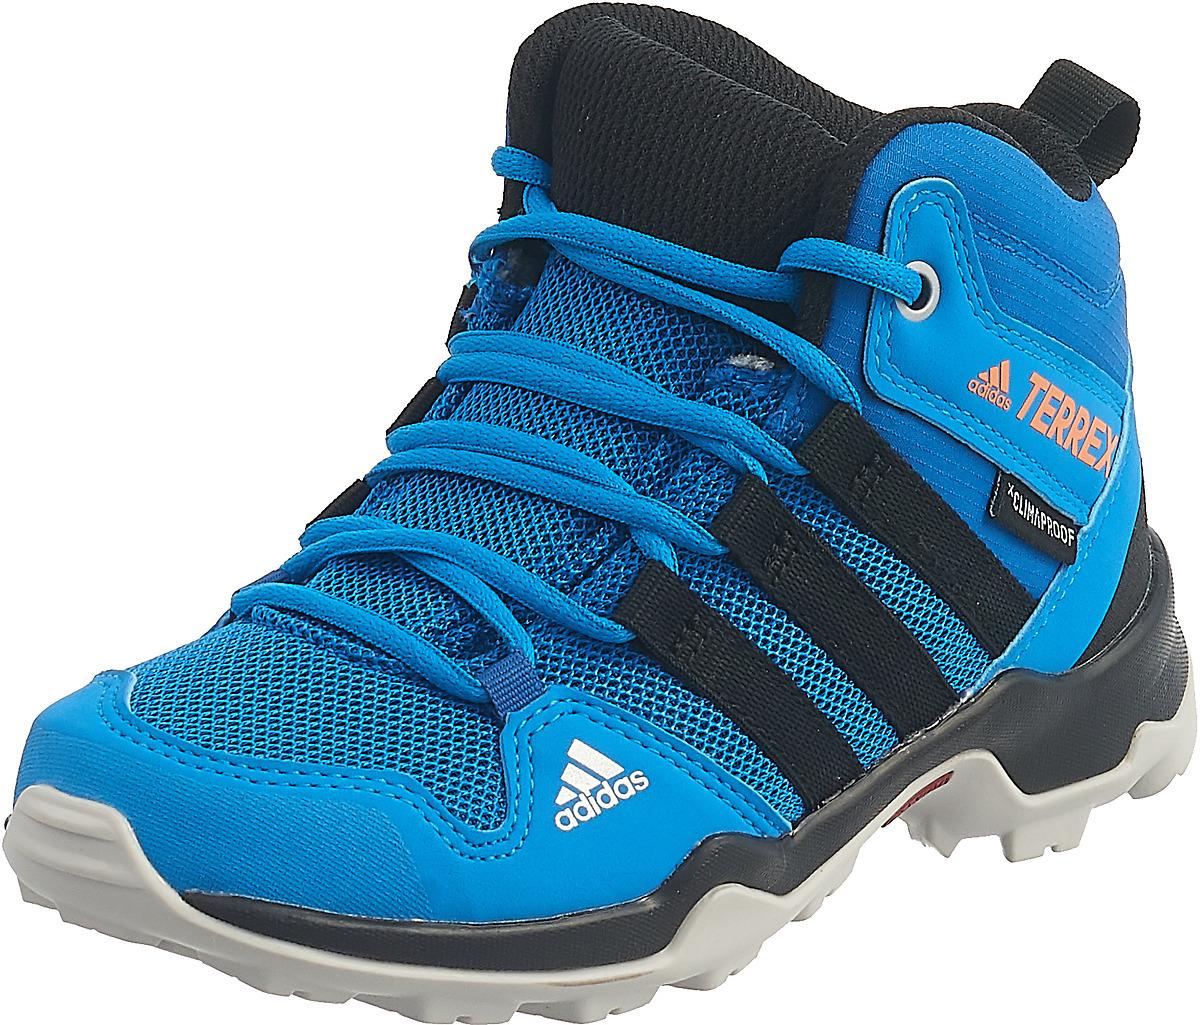 Кроссовки adidas TERREX AX2R MID CP кроссовки мужские adidas terrex tracerocker цвет серый черный cm7596 размер 12 46